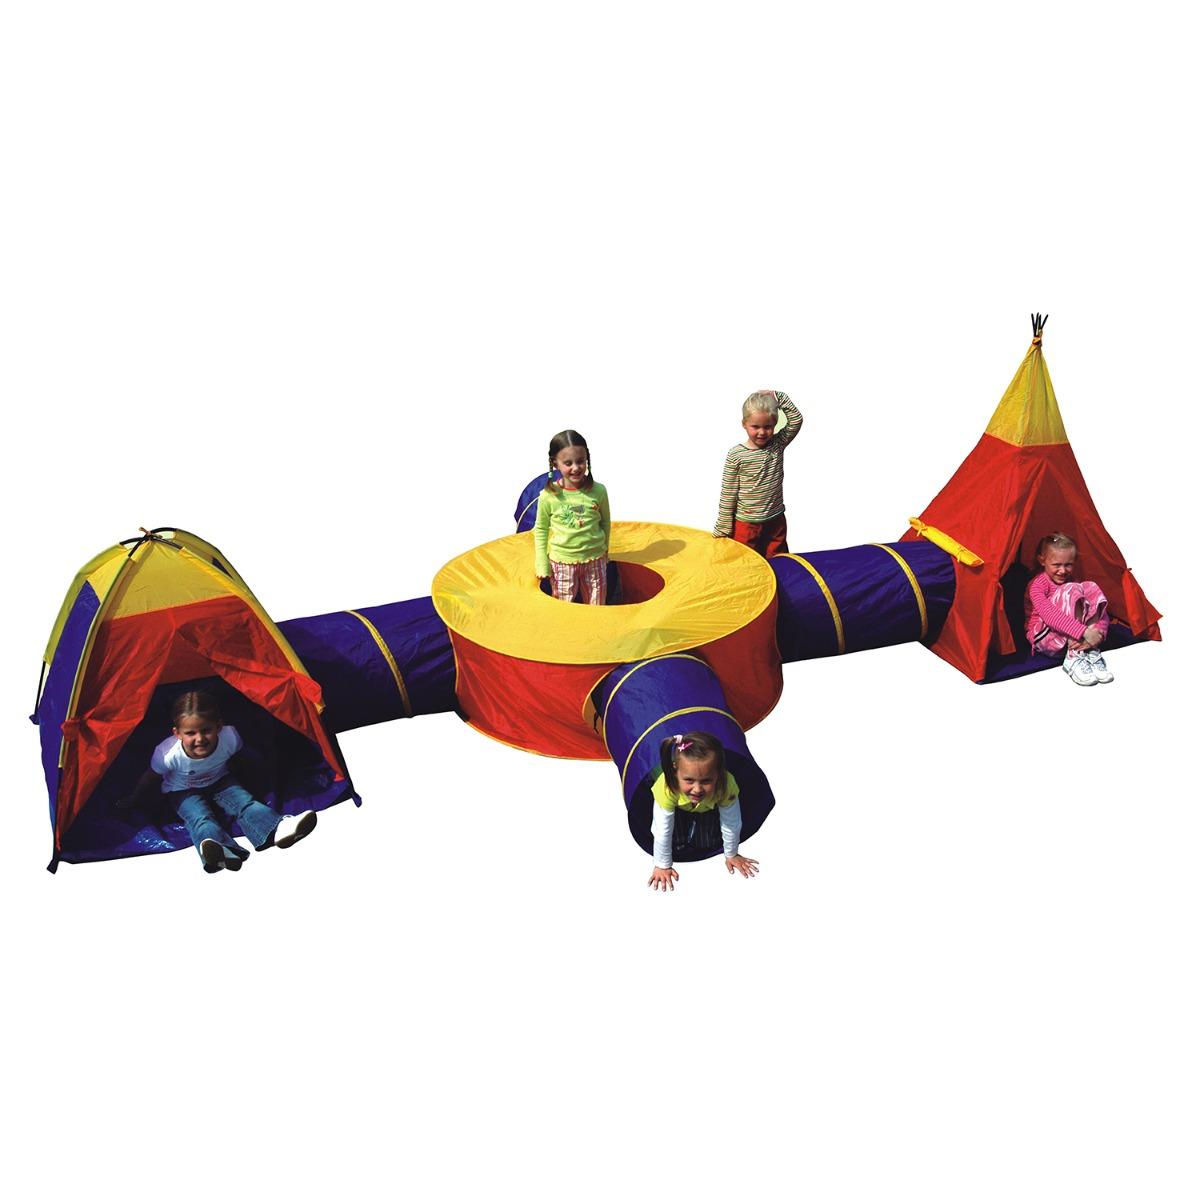 Set de joaca Cort cu tuneluri pentru copii Iplay-Toys Adventure Tunnel